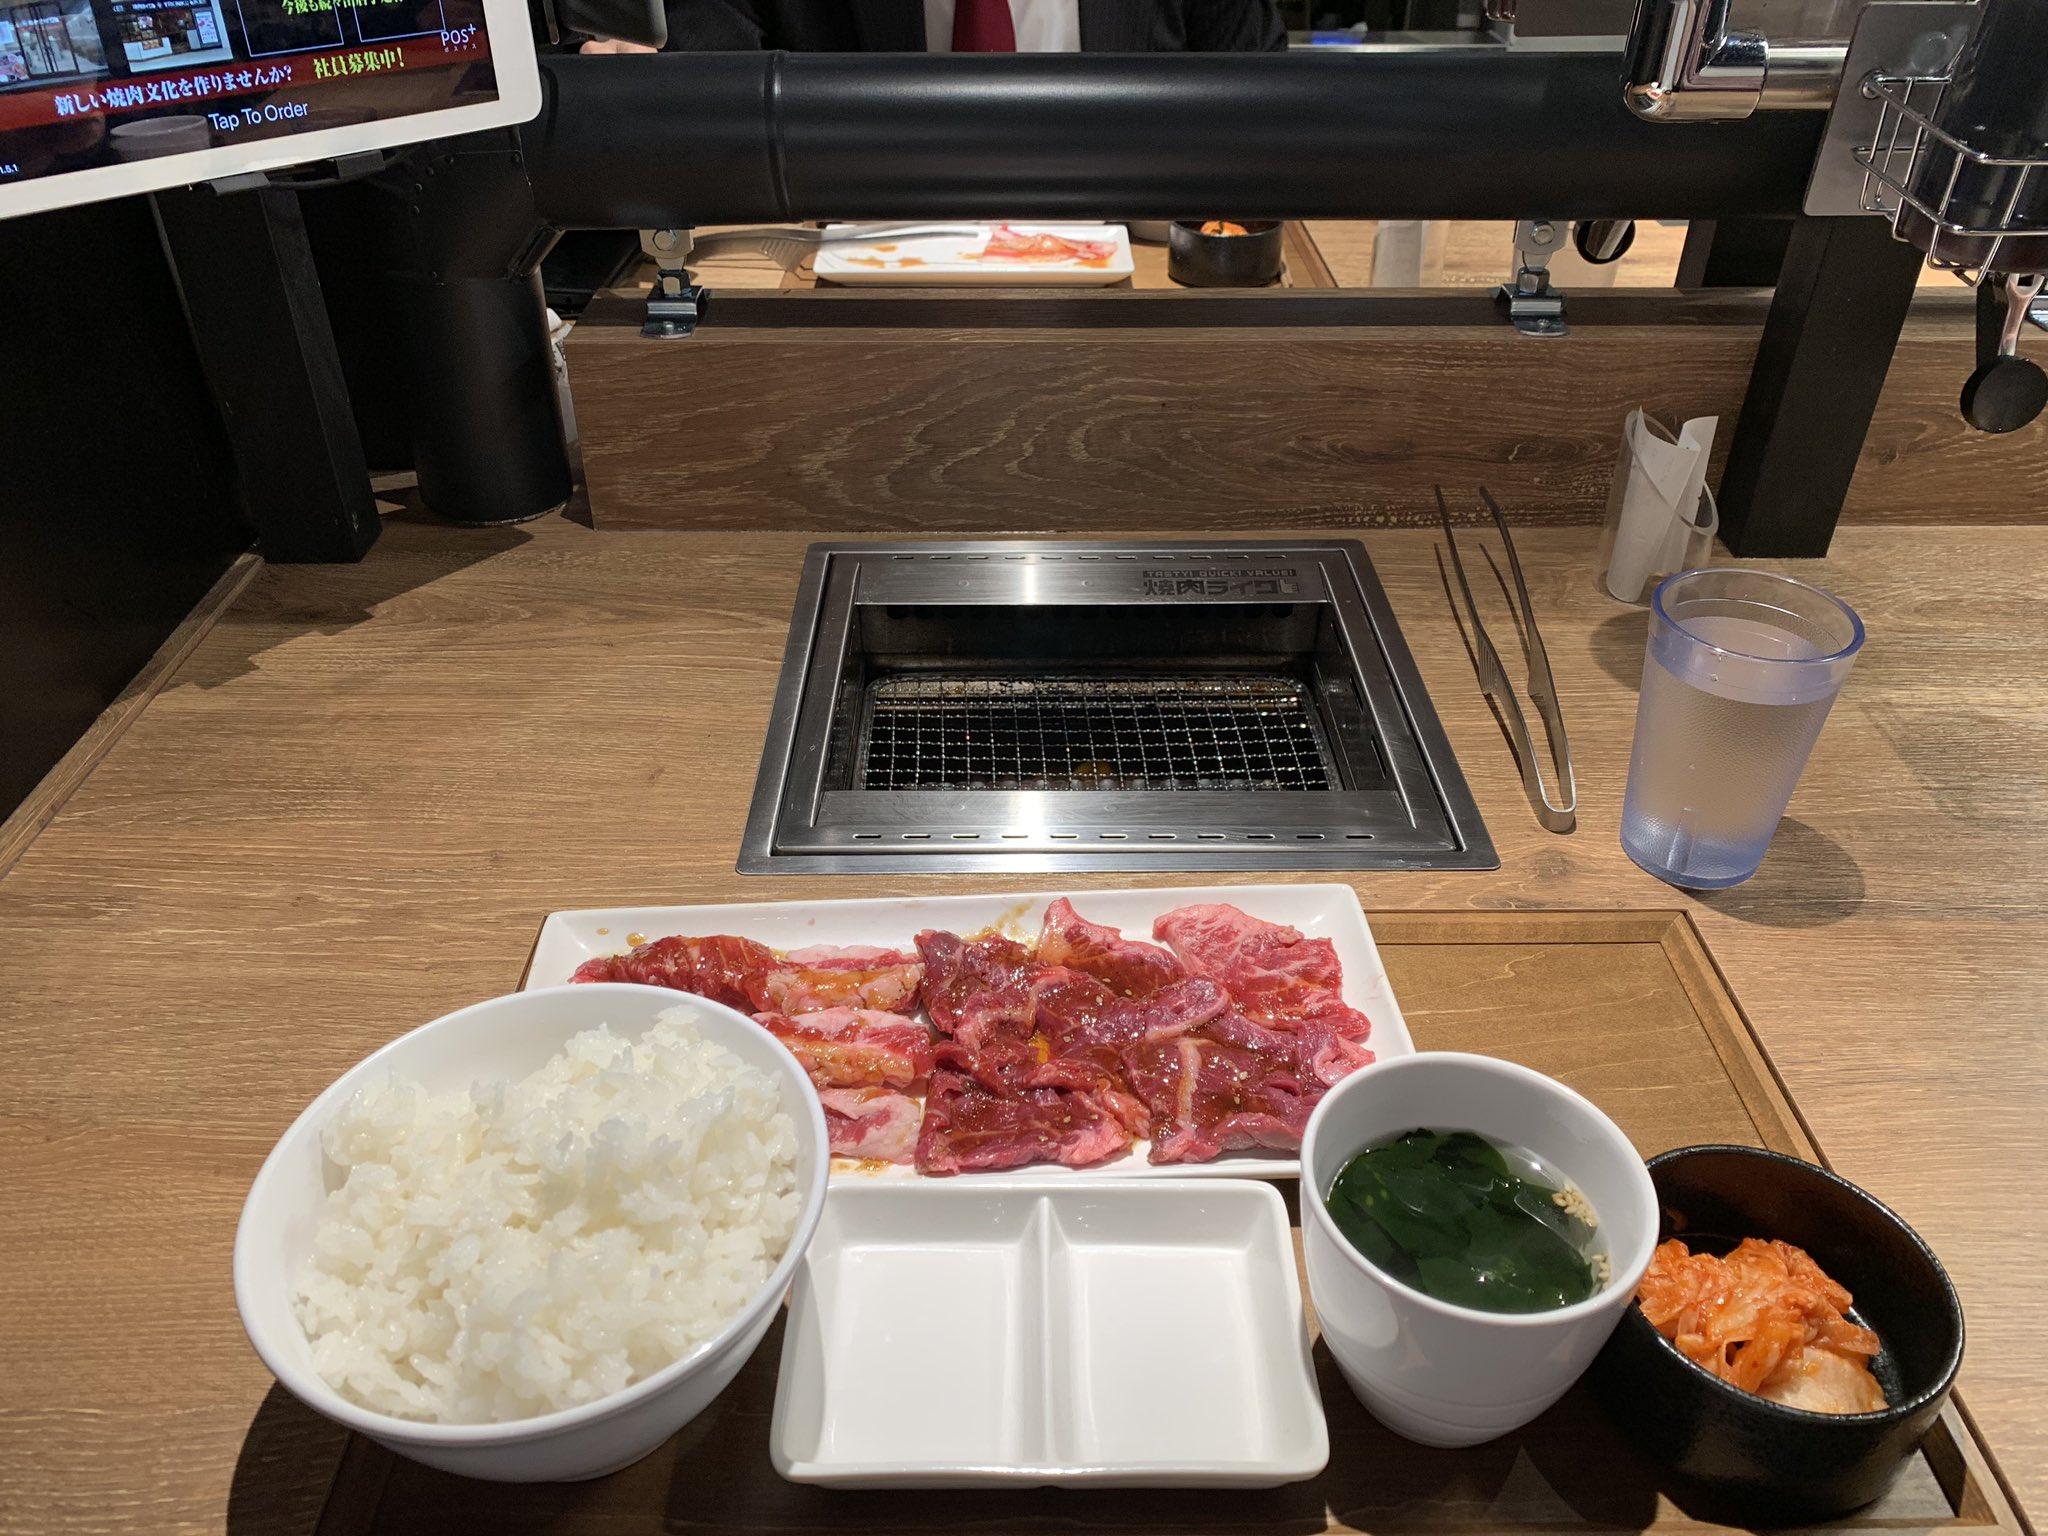 新しくアキバに出来た一人焼肉の店行ってきた。 腹いっぱい食べて2,000円で肉も大酋長の10倍くらいウマイので、焼肉行きたい時はここにしよう。